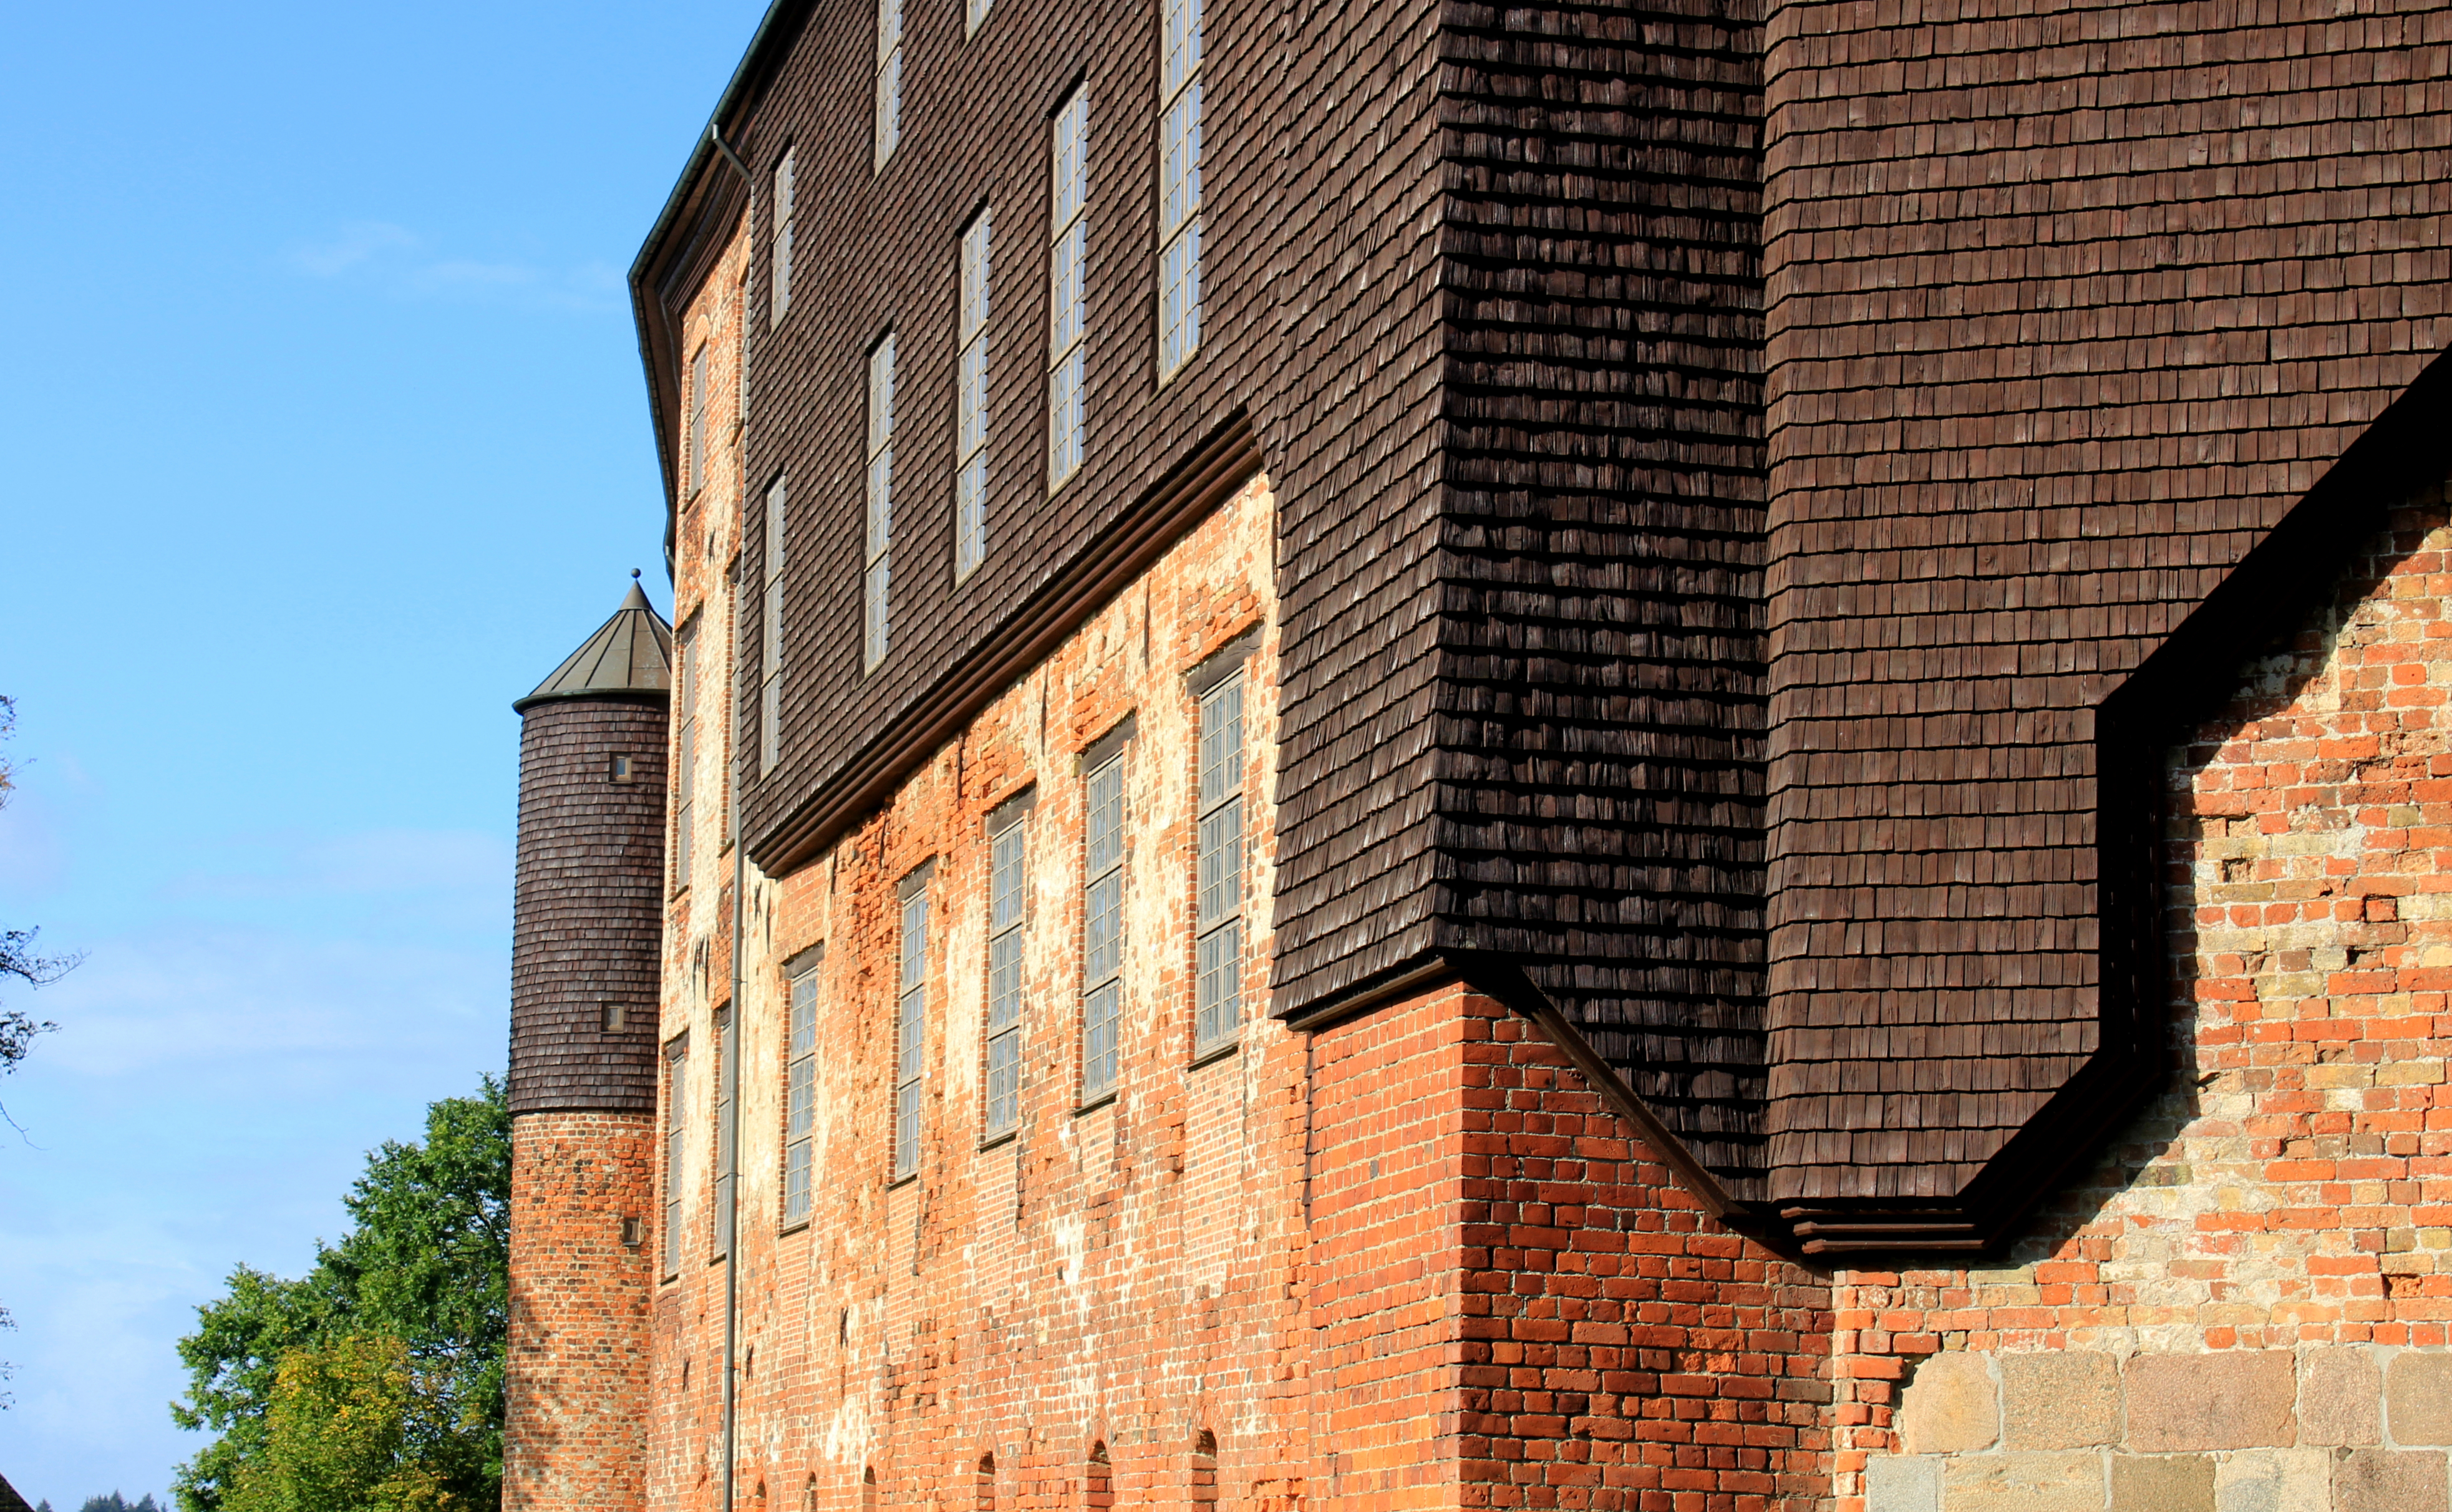 Kolding Denmark  city photo : Description Koldinghus Old castle in Kolding Denmark 016